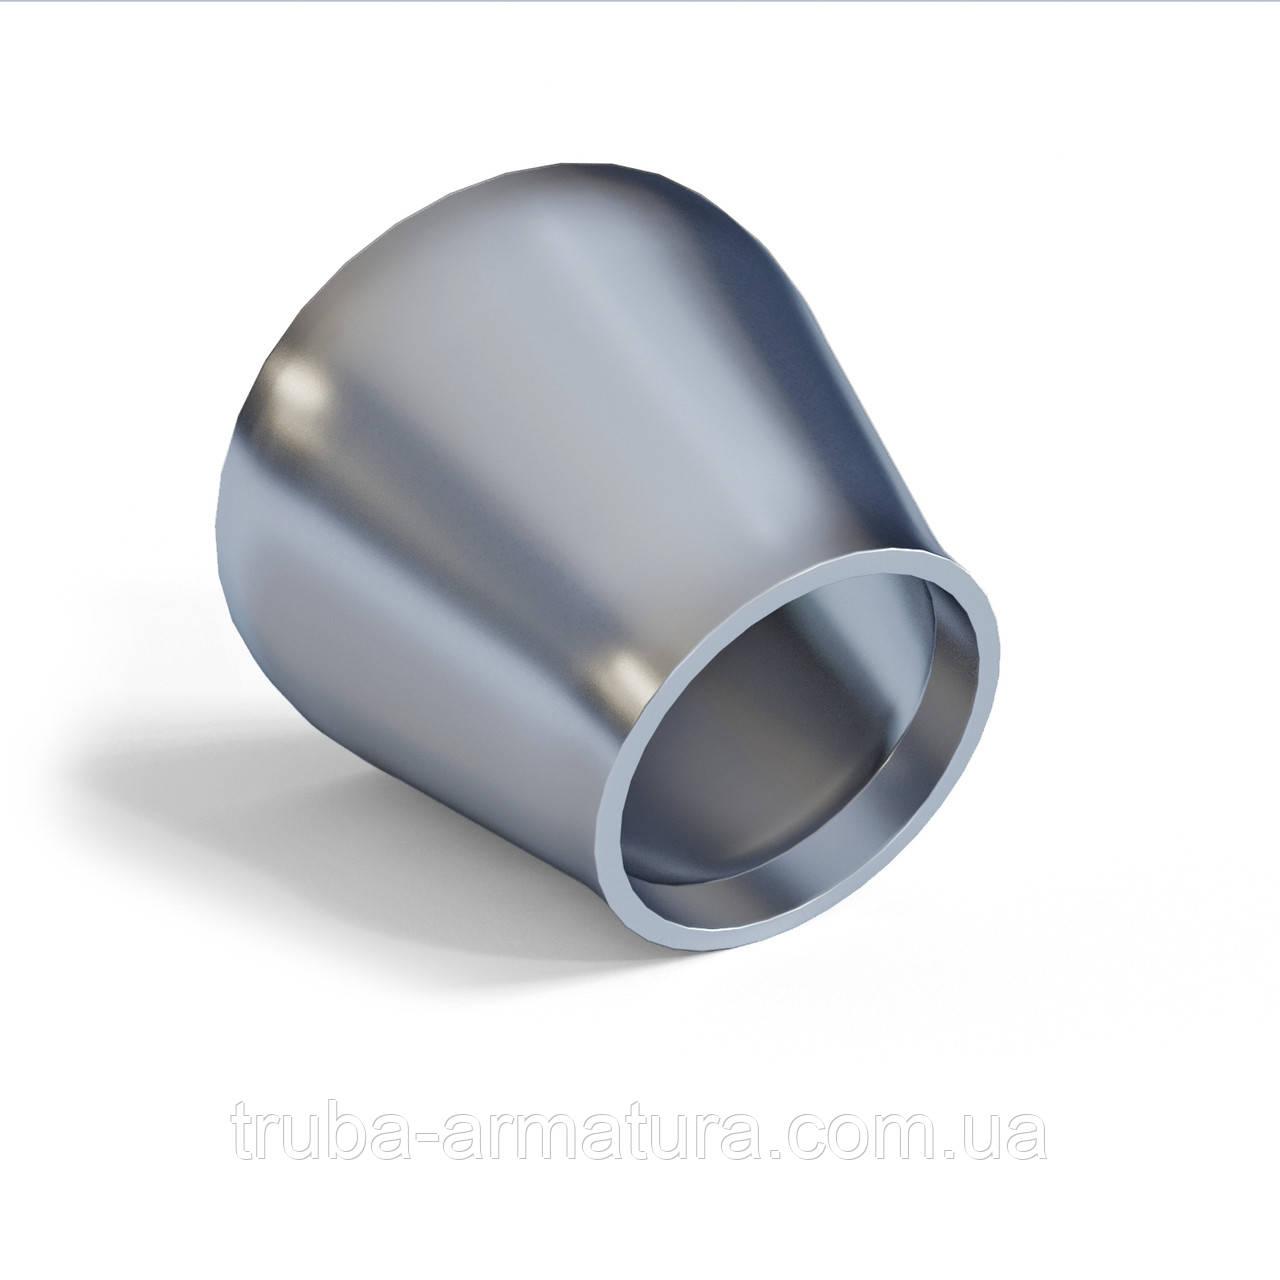 Переход оцинкованный стальной для труб 76x42 (65x32)